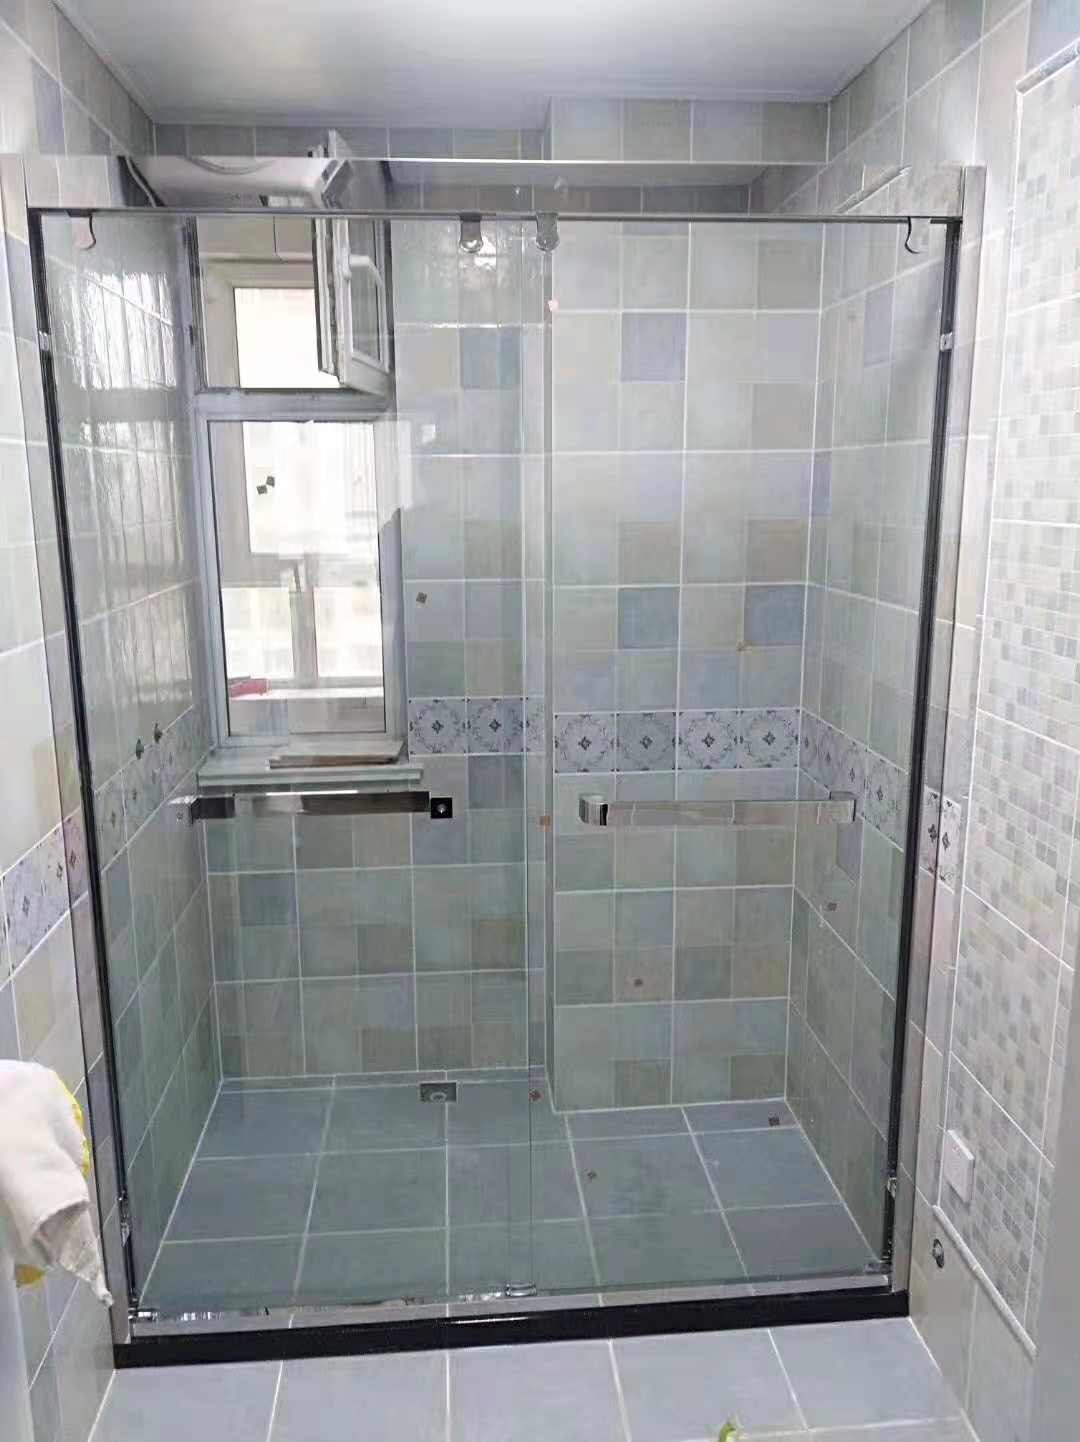 博雅 衛生間干濕分離 哈爾濱衛生間干濕分離哪家好